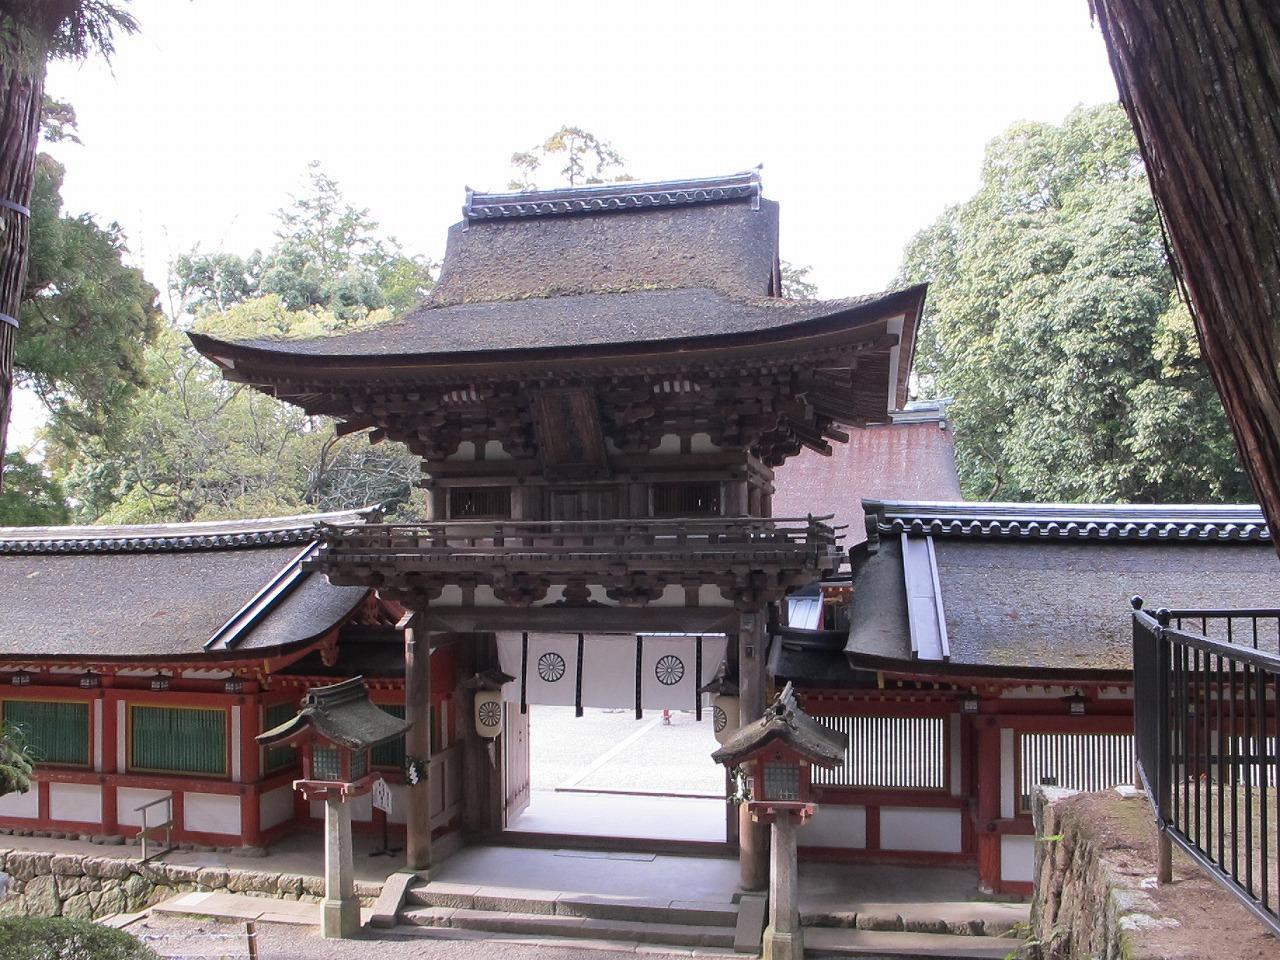 【奈良】パワースポット石上神宮の七支刀とは?起死回生のご利益がすごい!?